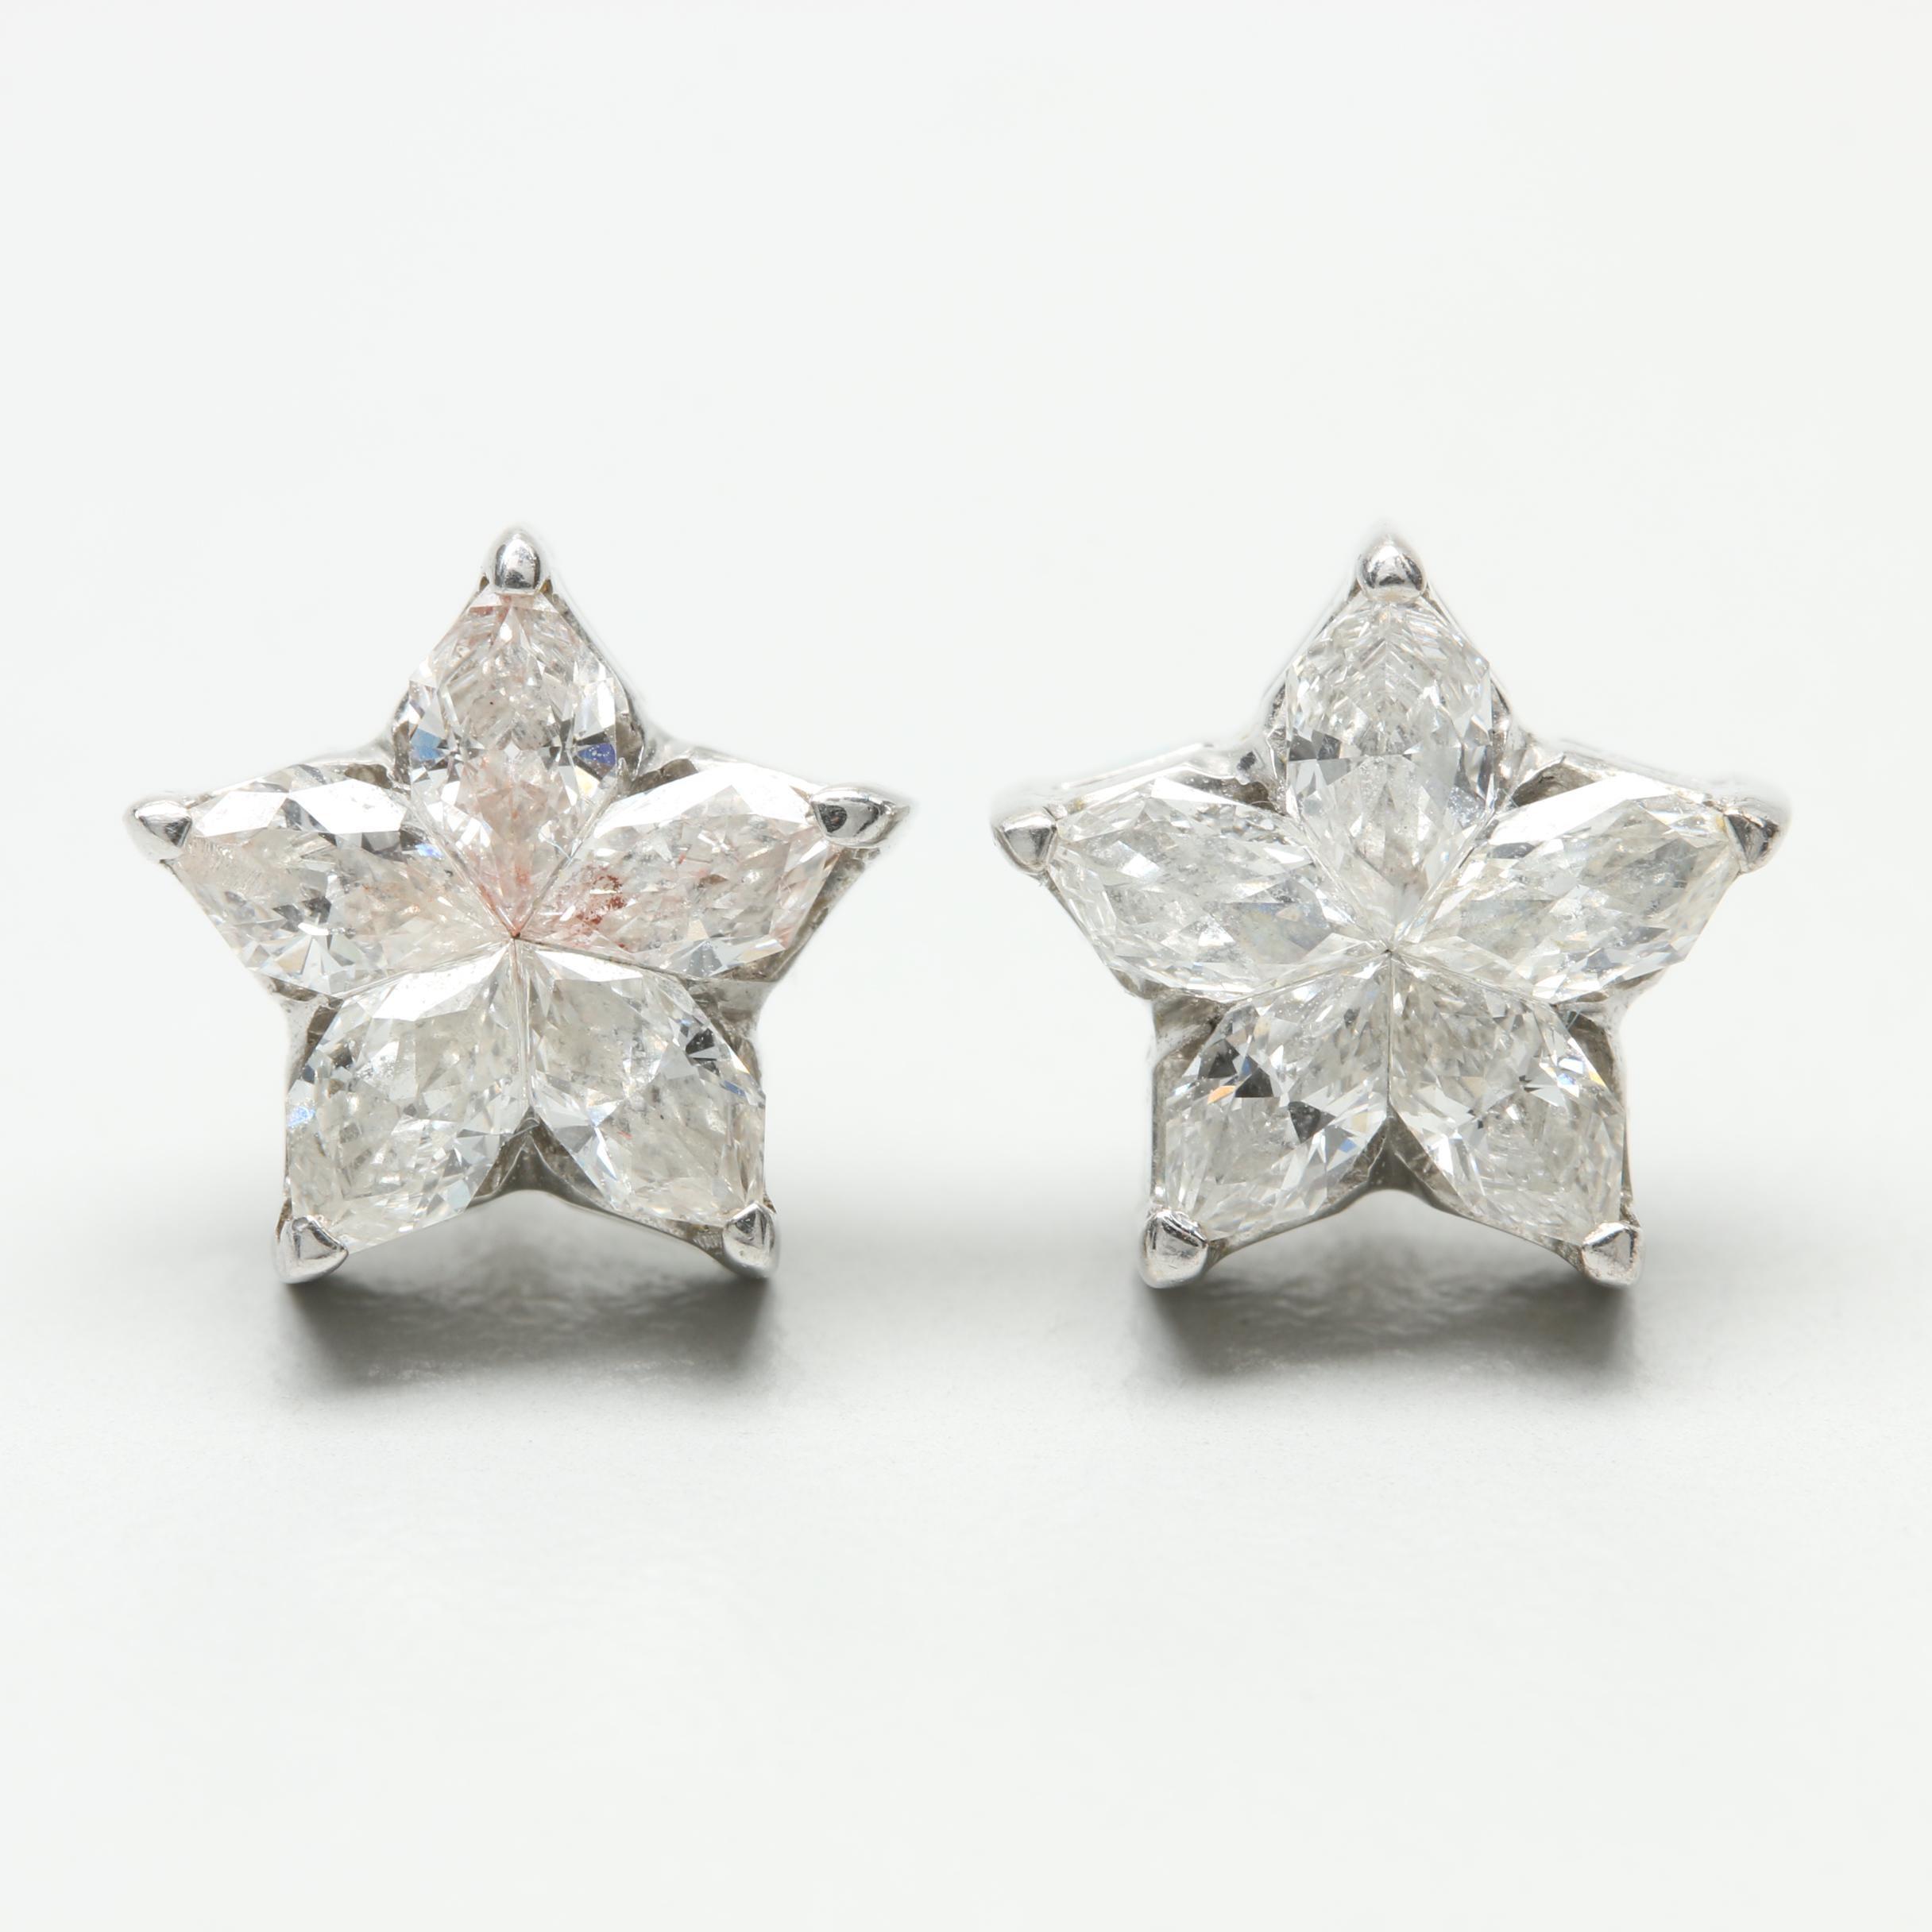 18K White Gold 1.44 CTW Diamond Star Earrings